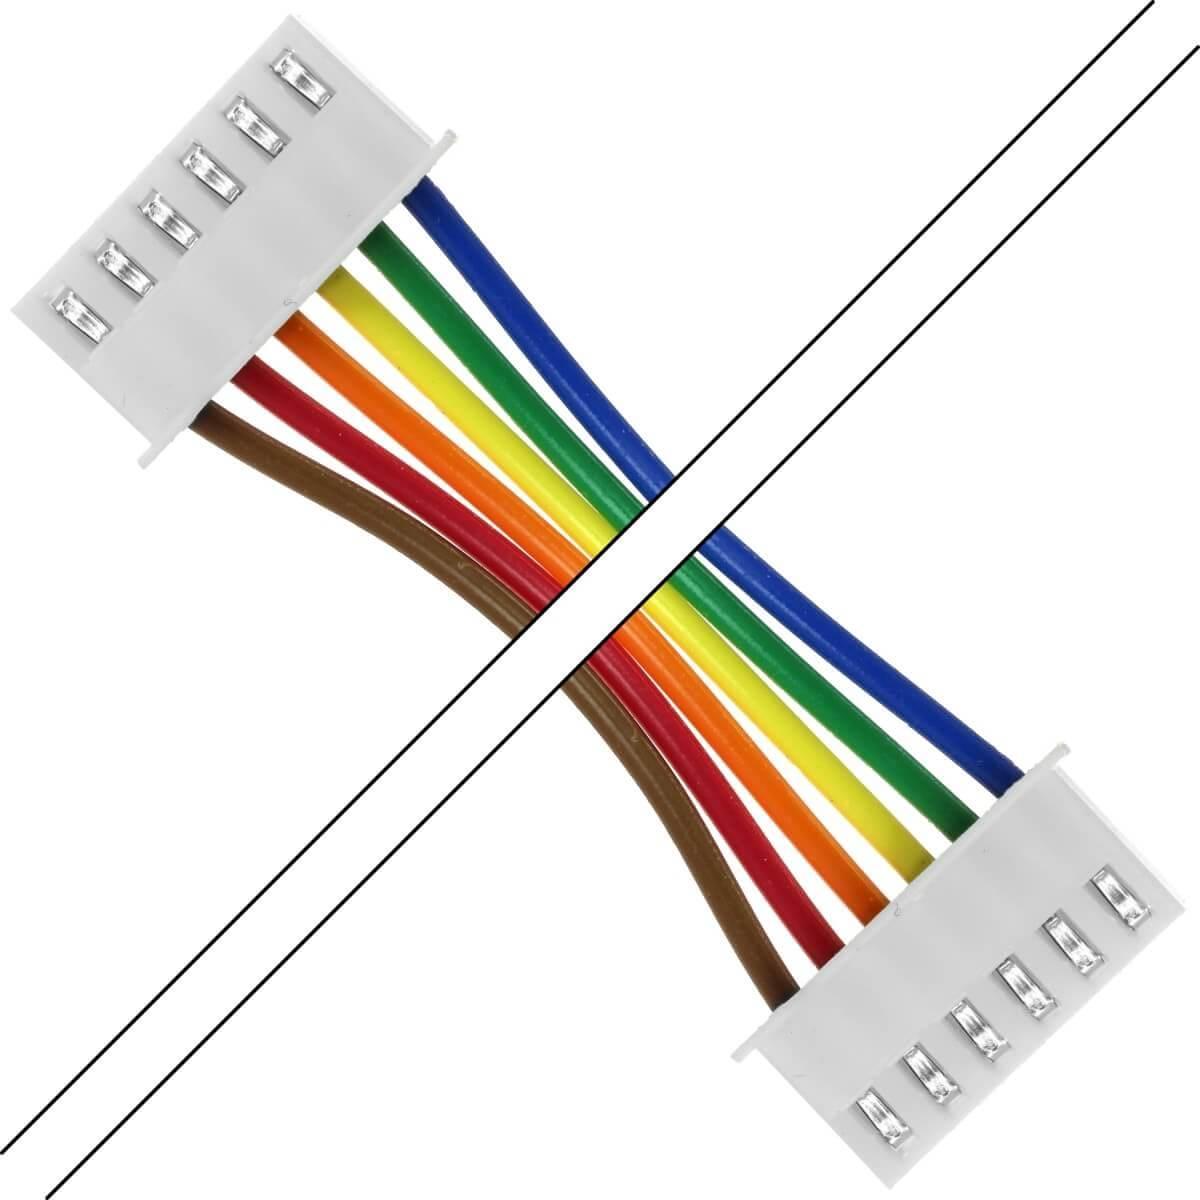 PH 2.0mm Female / Female Cable 6 Poles 2 Connectors 100cm (Unit)